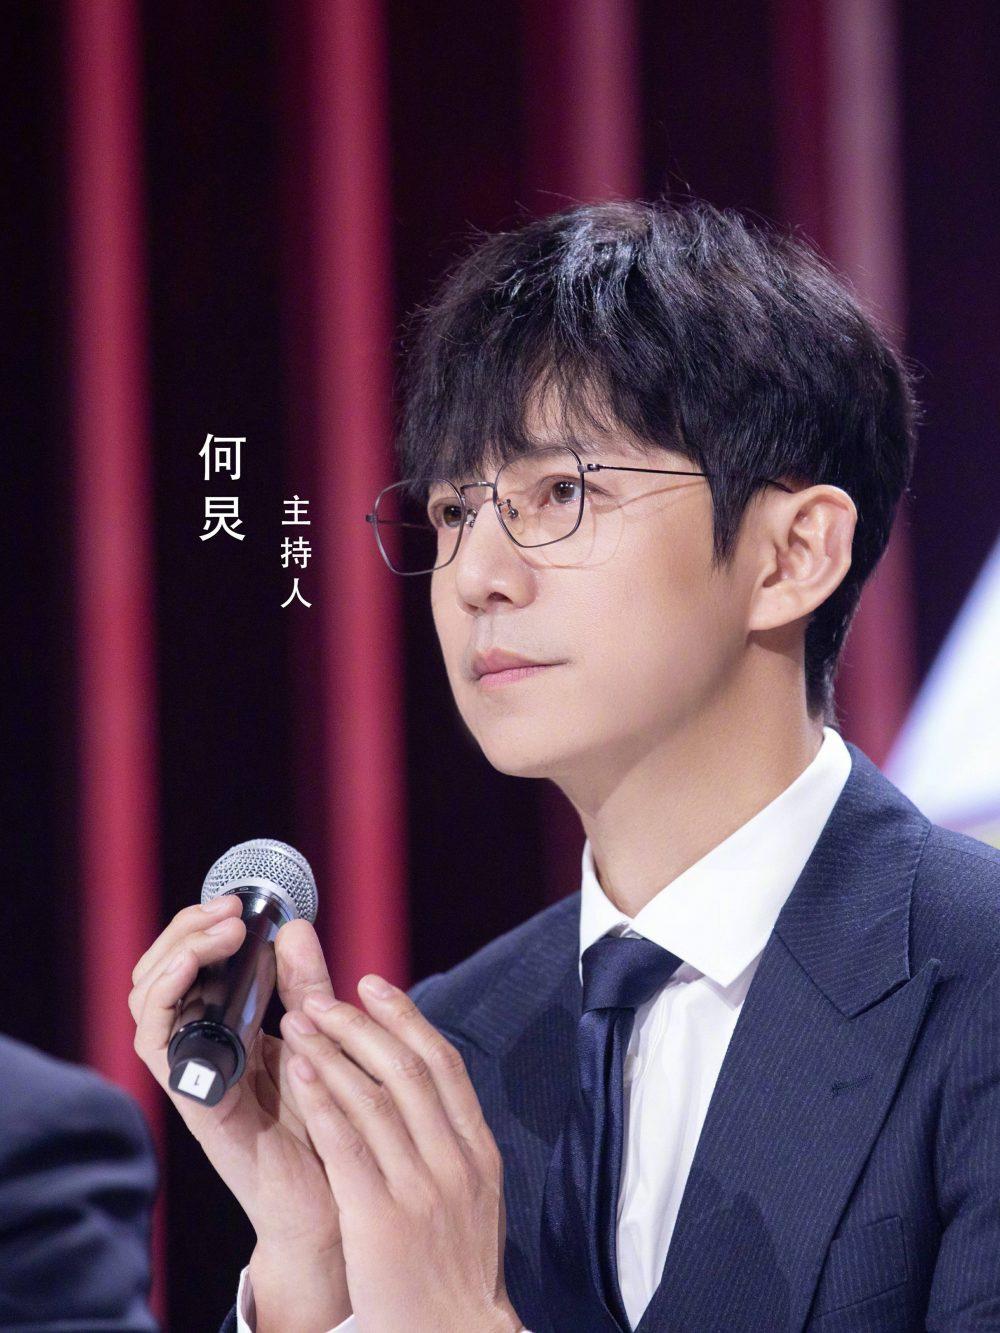 忘不了系列综艺将推第三季《忘不了农村》!网传嘉宾阵容:肖战、何炅、蔡徐坤等-Woah.MY